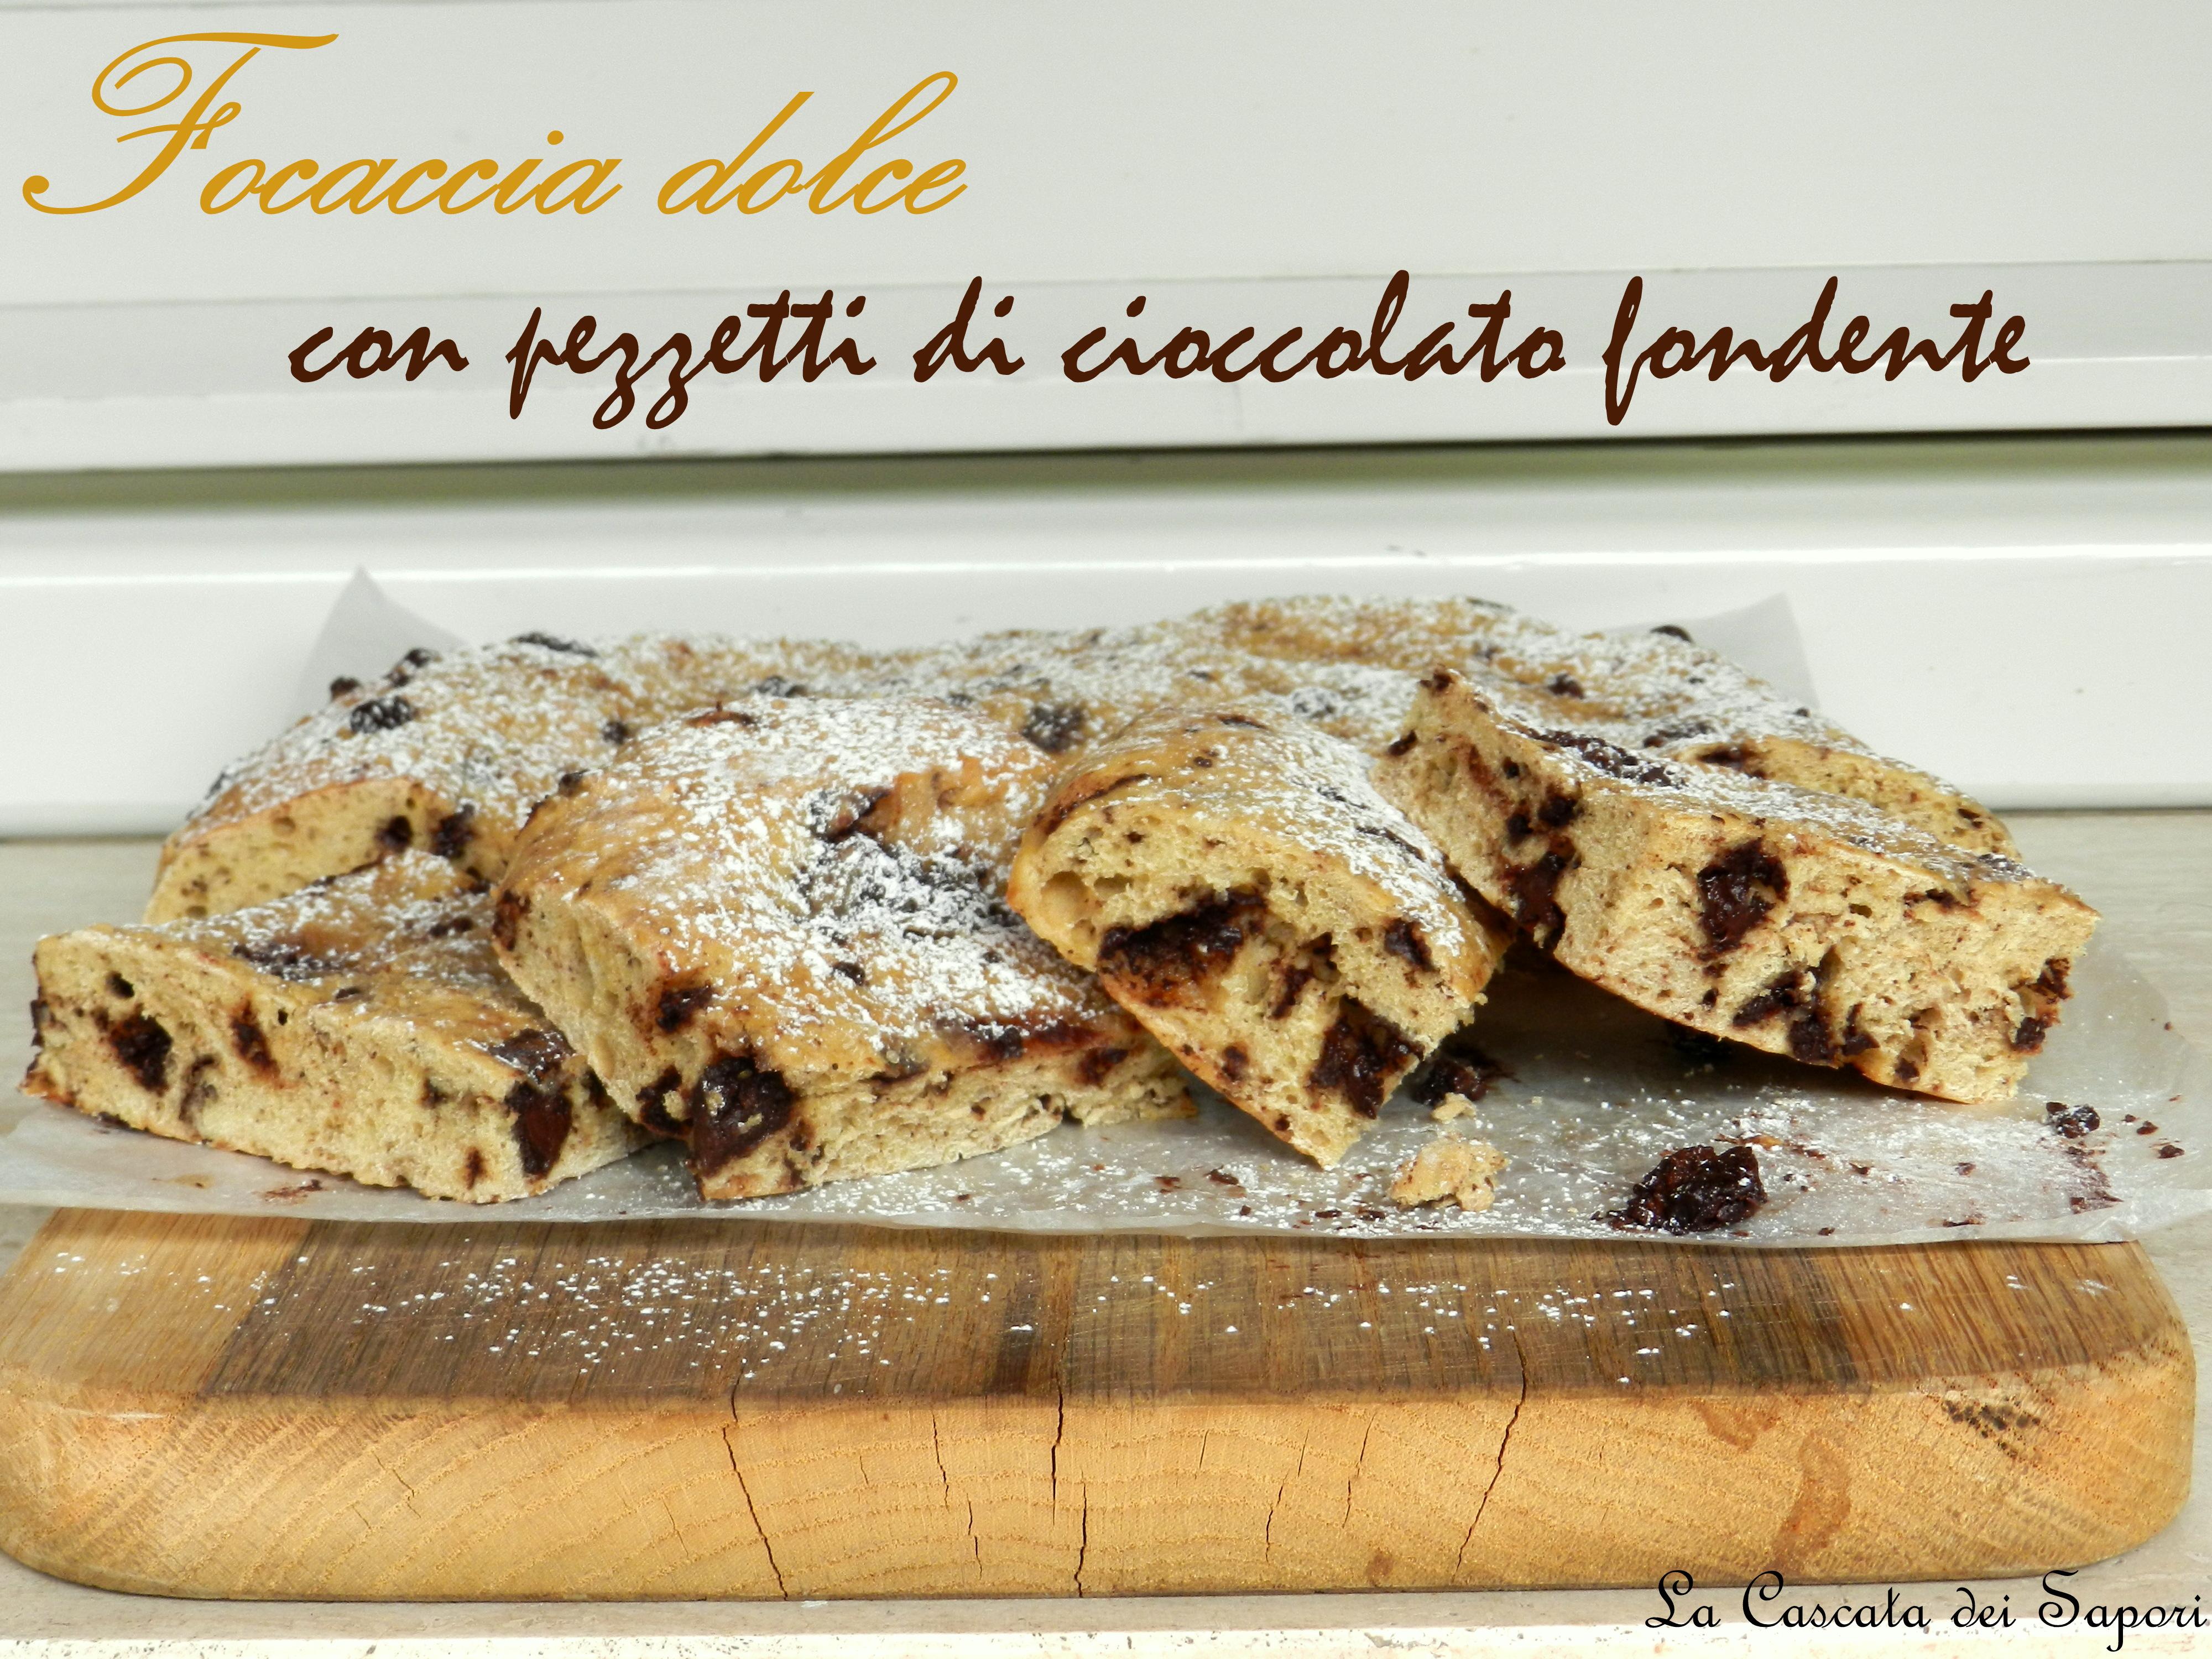 Focaccia-dolce-con-pezzetti-di-cioccolato-fondente